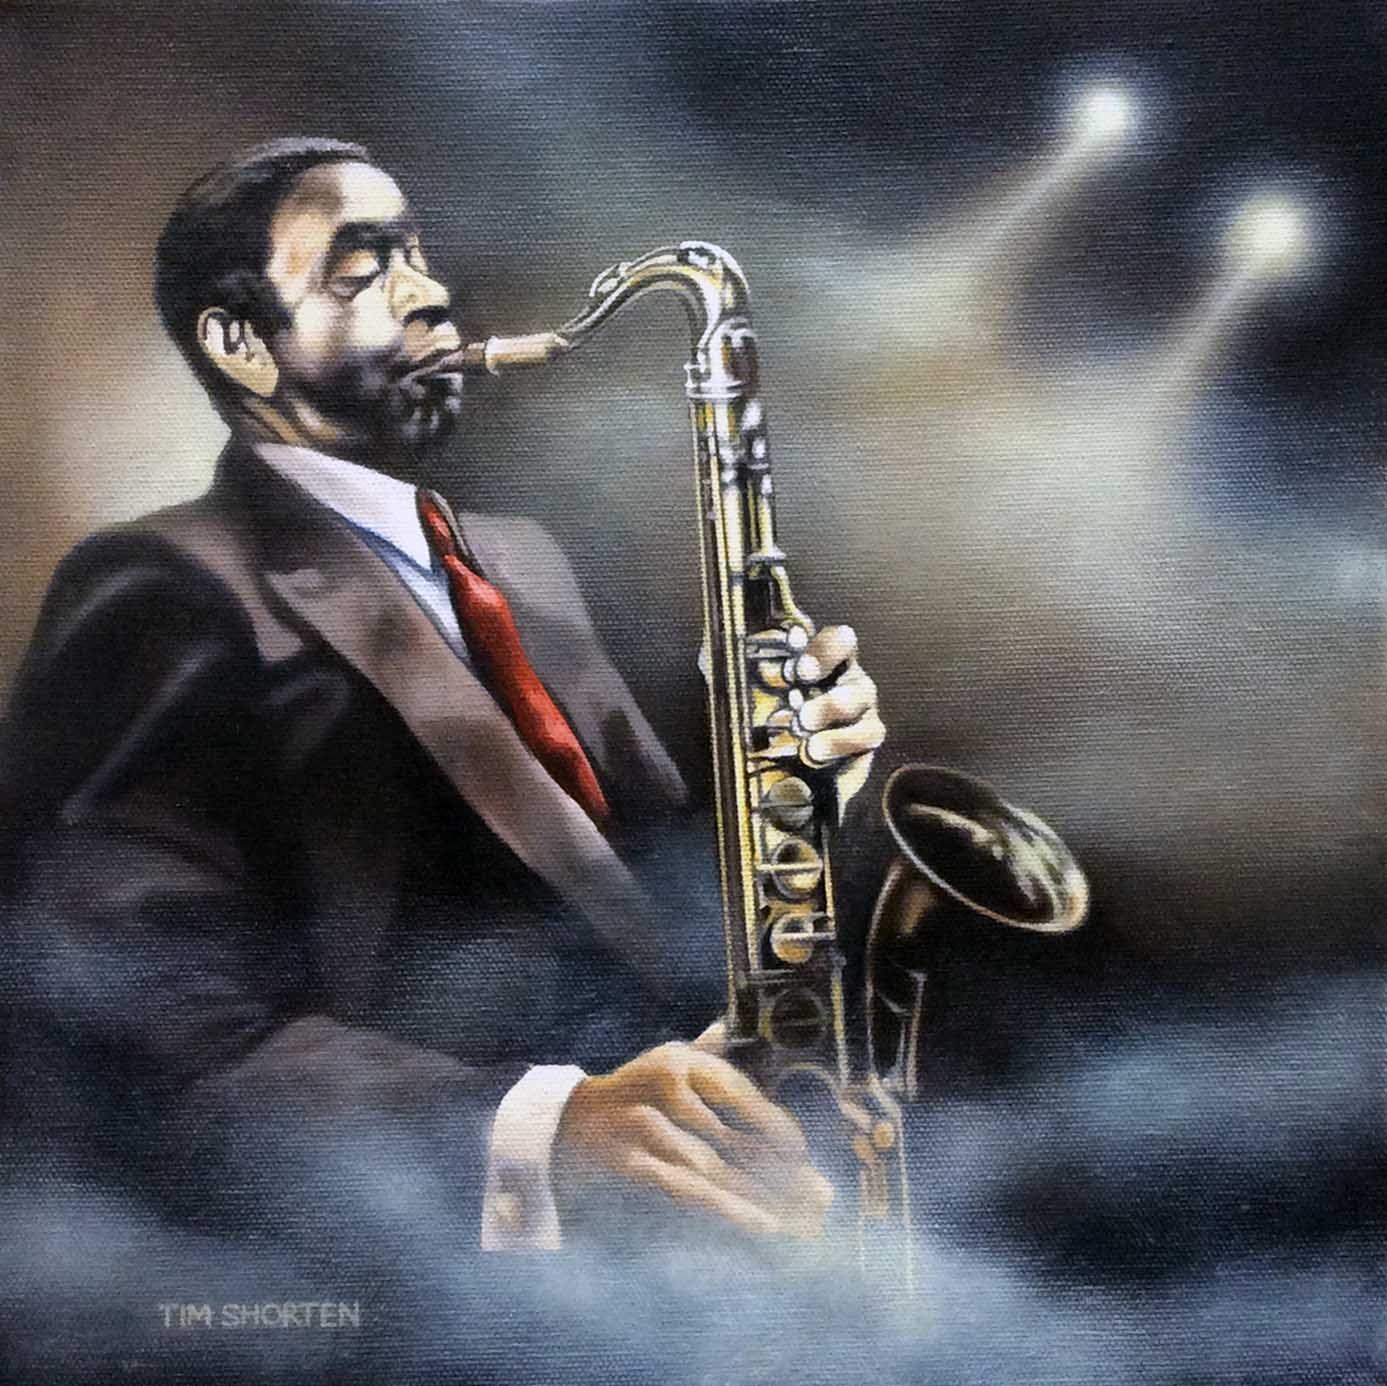 Tim Shorten Saxophonist